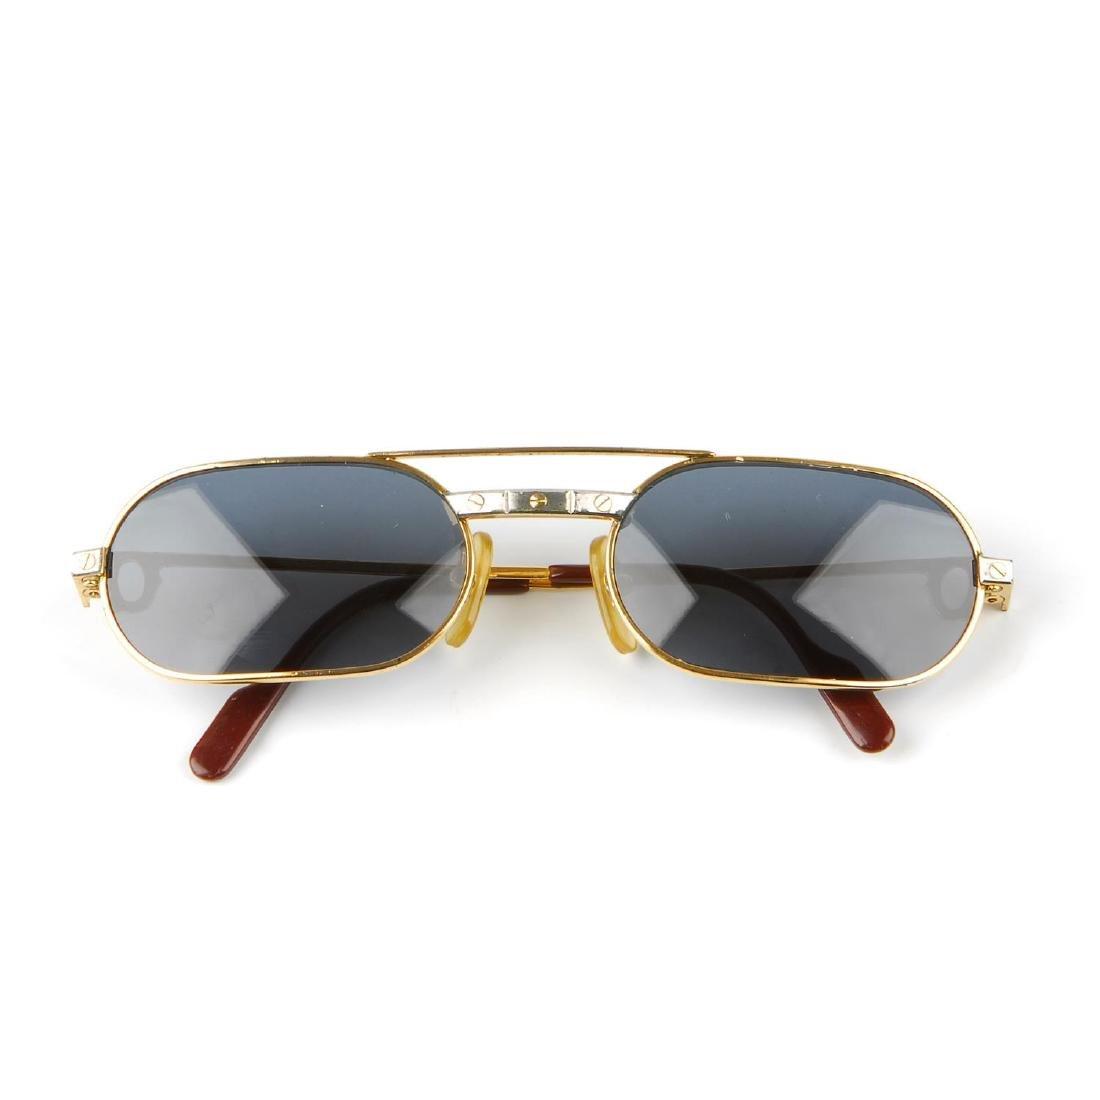 CARTIER - a pair of sunglasses. Designed with narrow